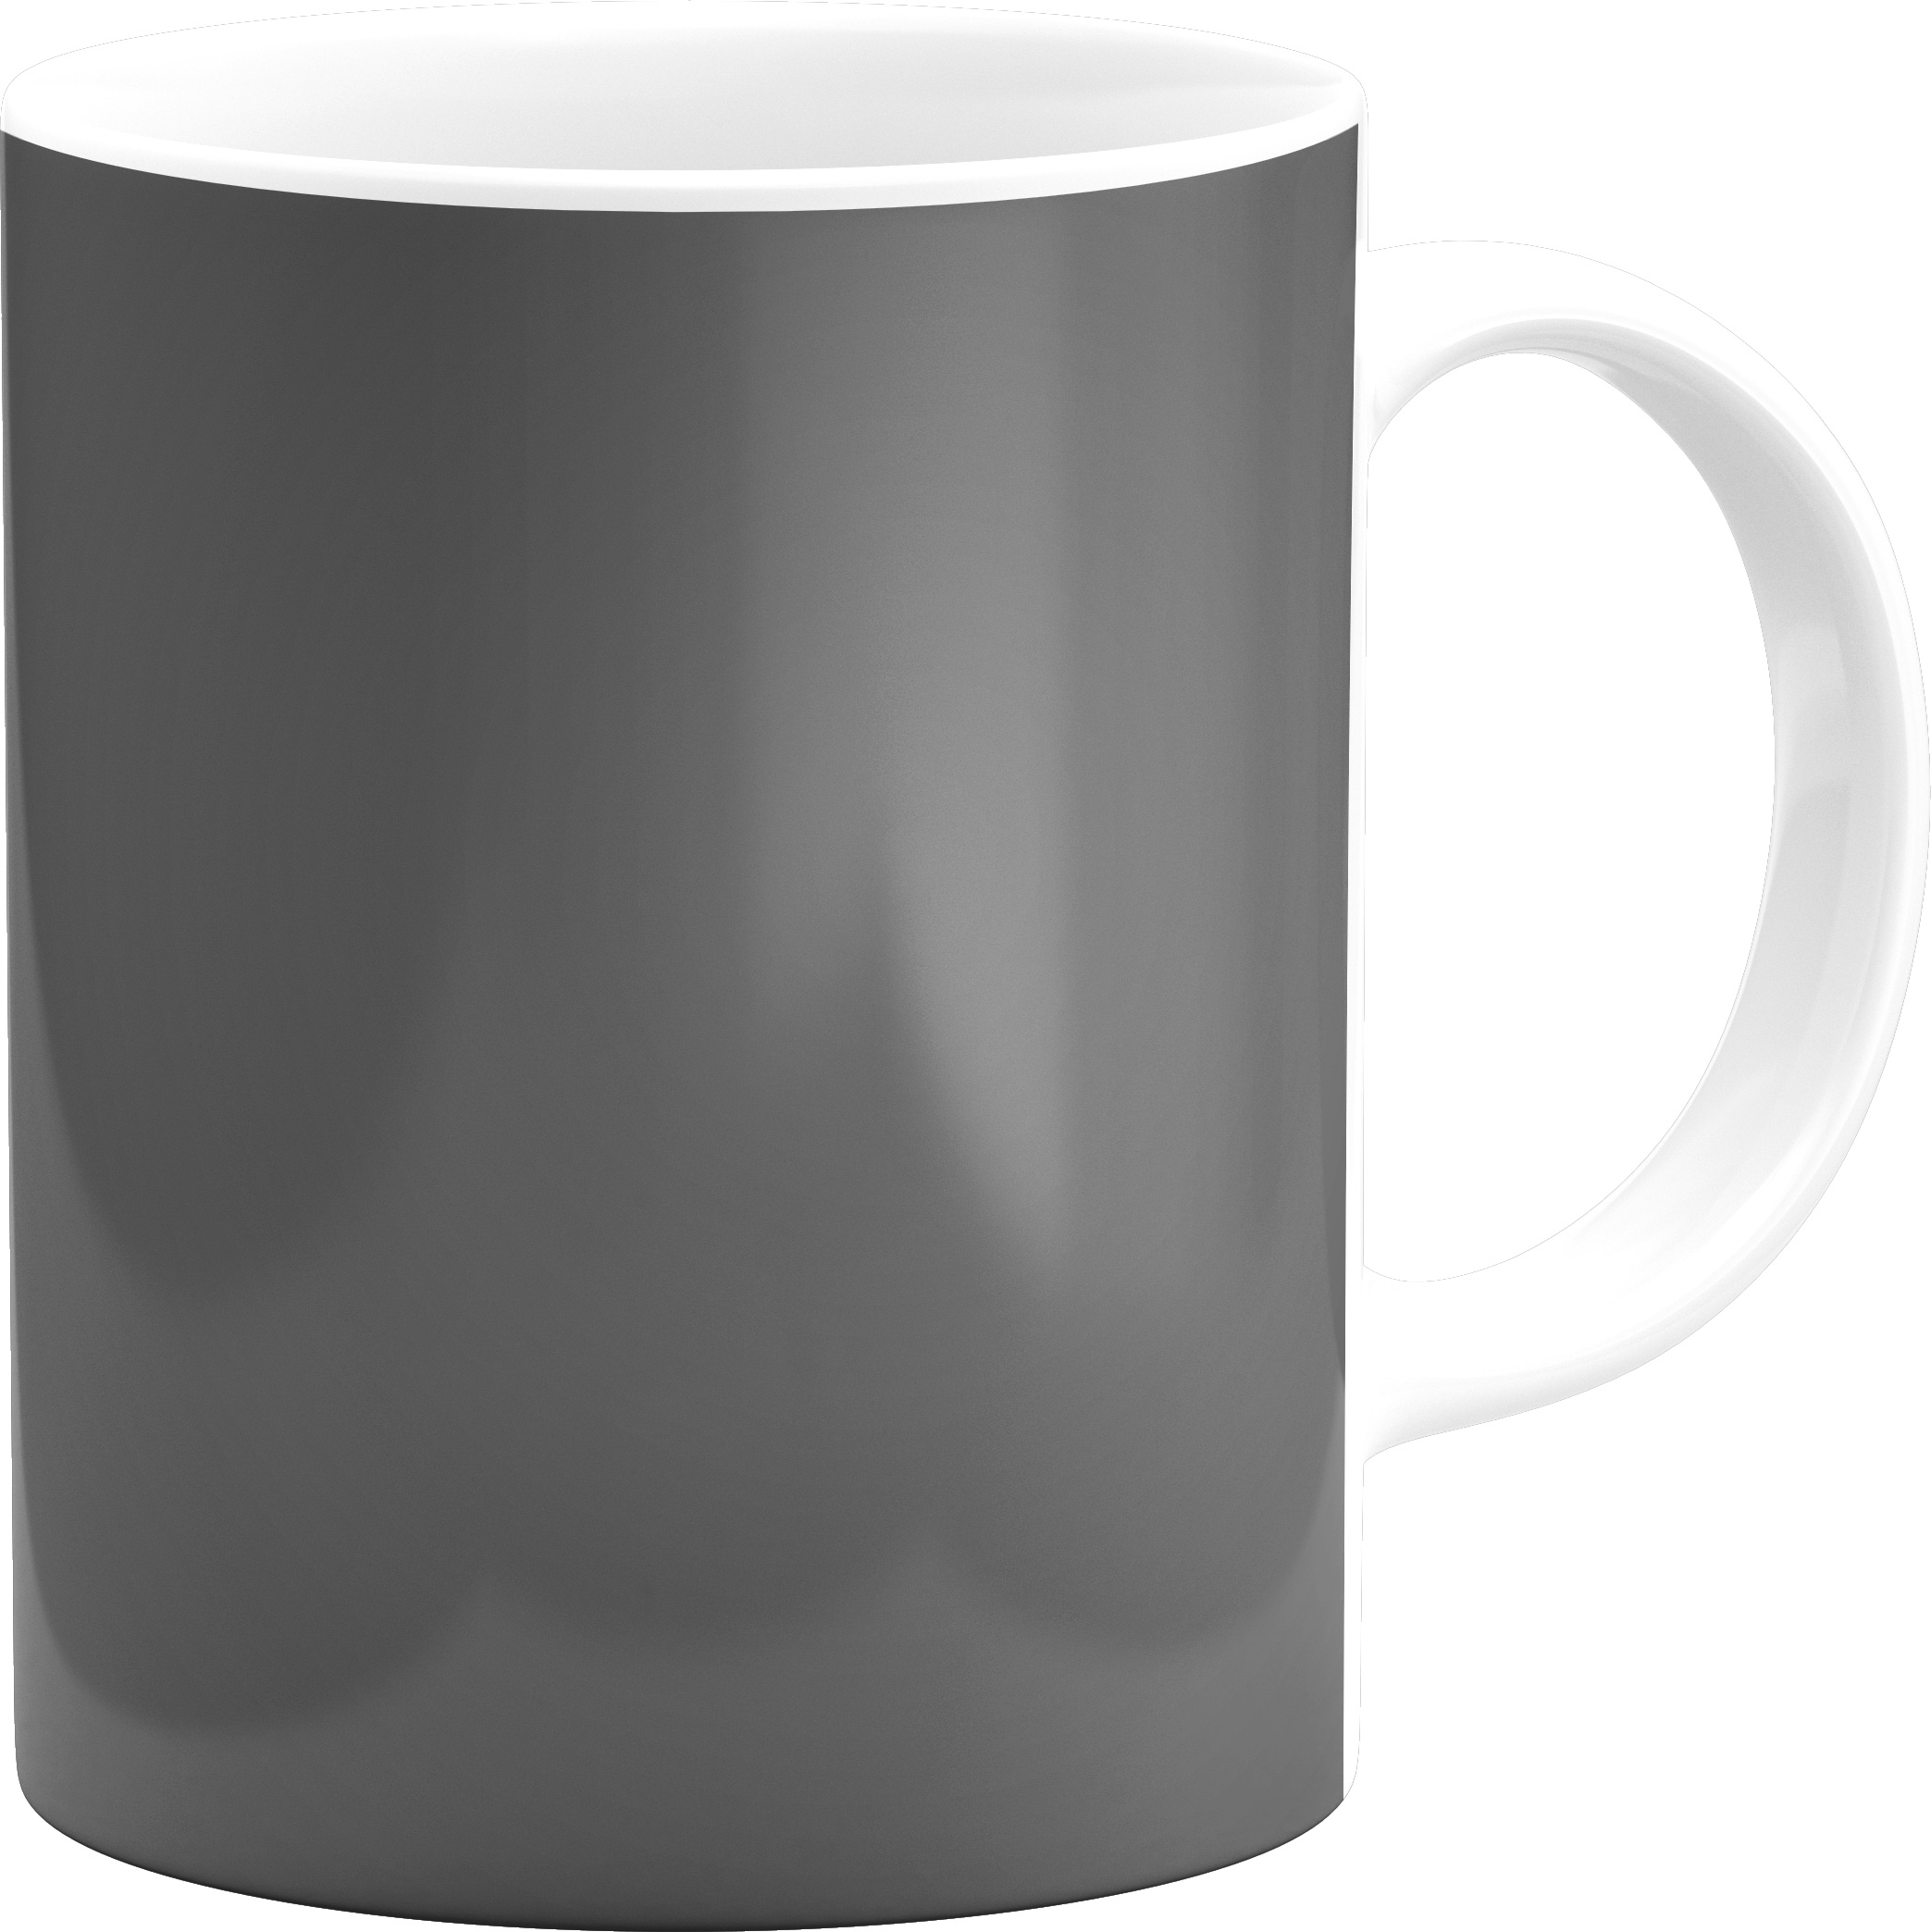 Mug right Mockup